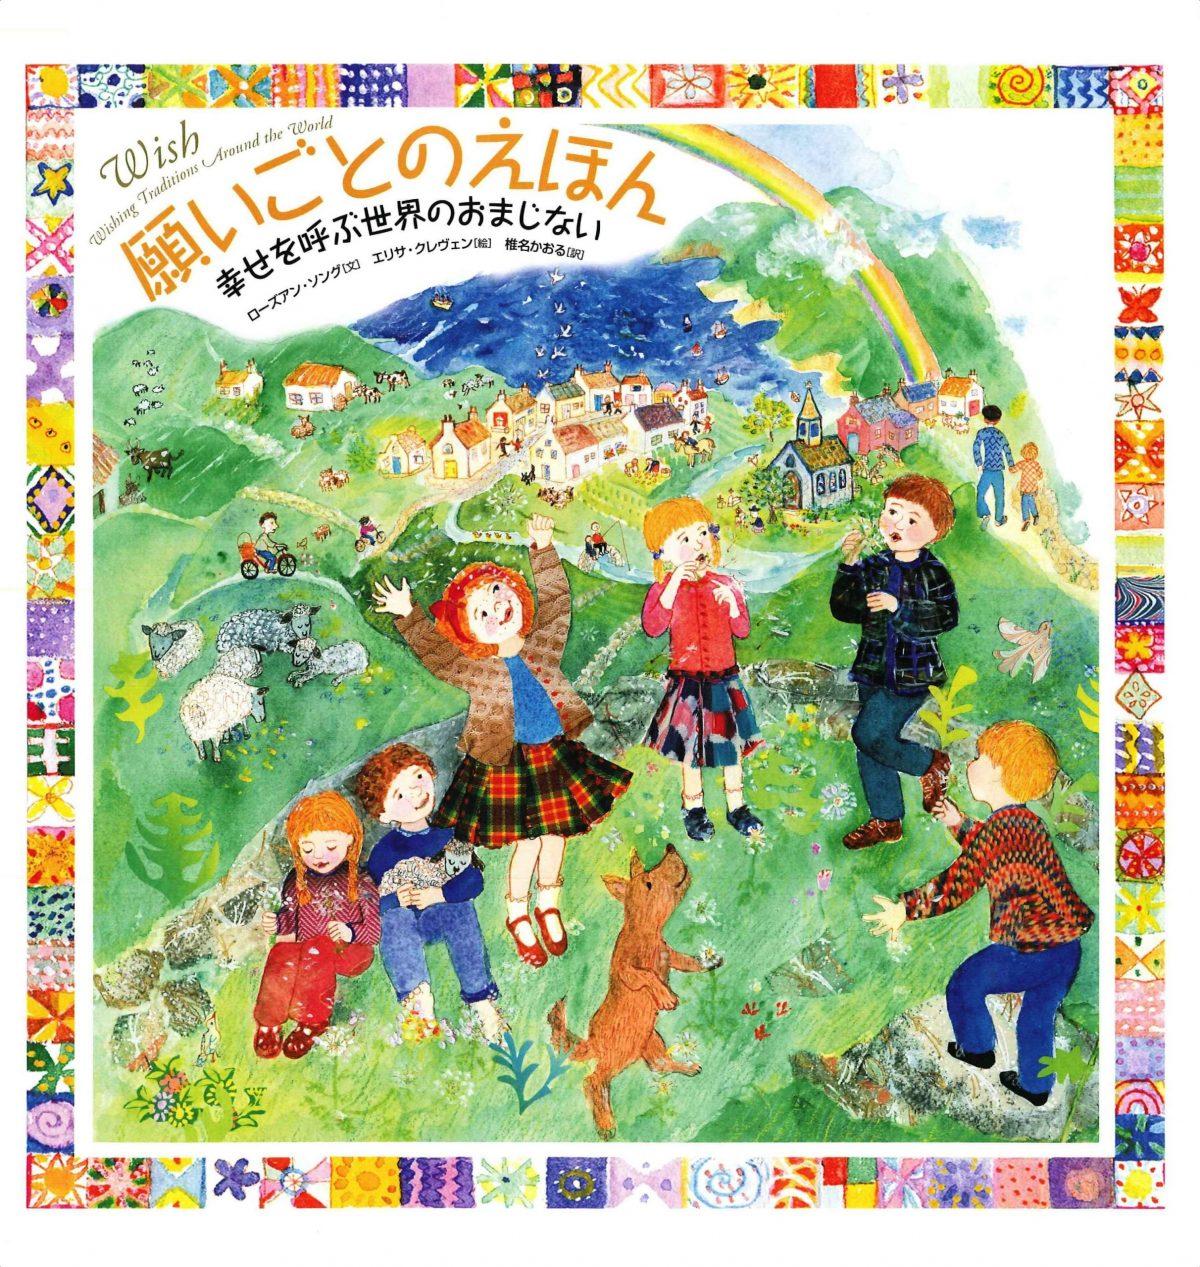 絵本「願いごとのえほん 幸せを呼ぶ世界のおまじない」の表紙